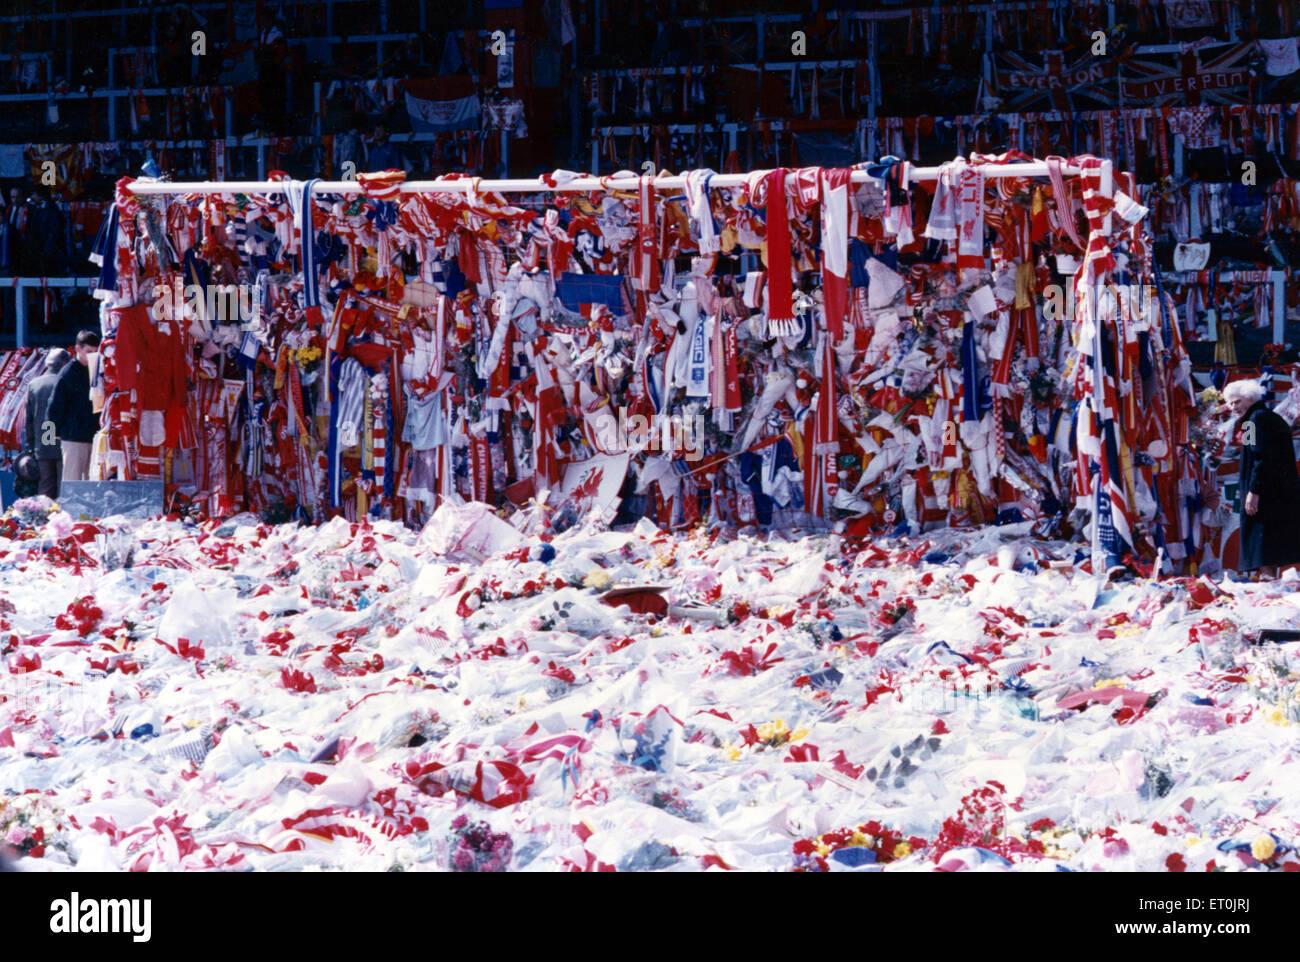 Il goalmouth su il passo ad Anfield, coperto di Liverpool e Everton sciarpe e bandiere come segno di rispetto per i tanti tifosi del Liverpool che hanno perso la vita a Hillsborough solo pochi giorni prima. Il 18 aprile 1989. Foto Stock